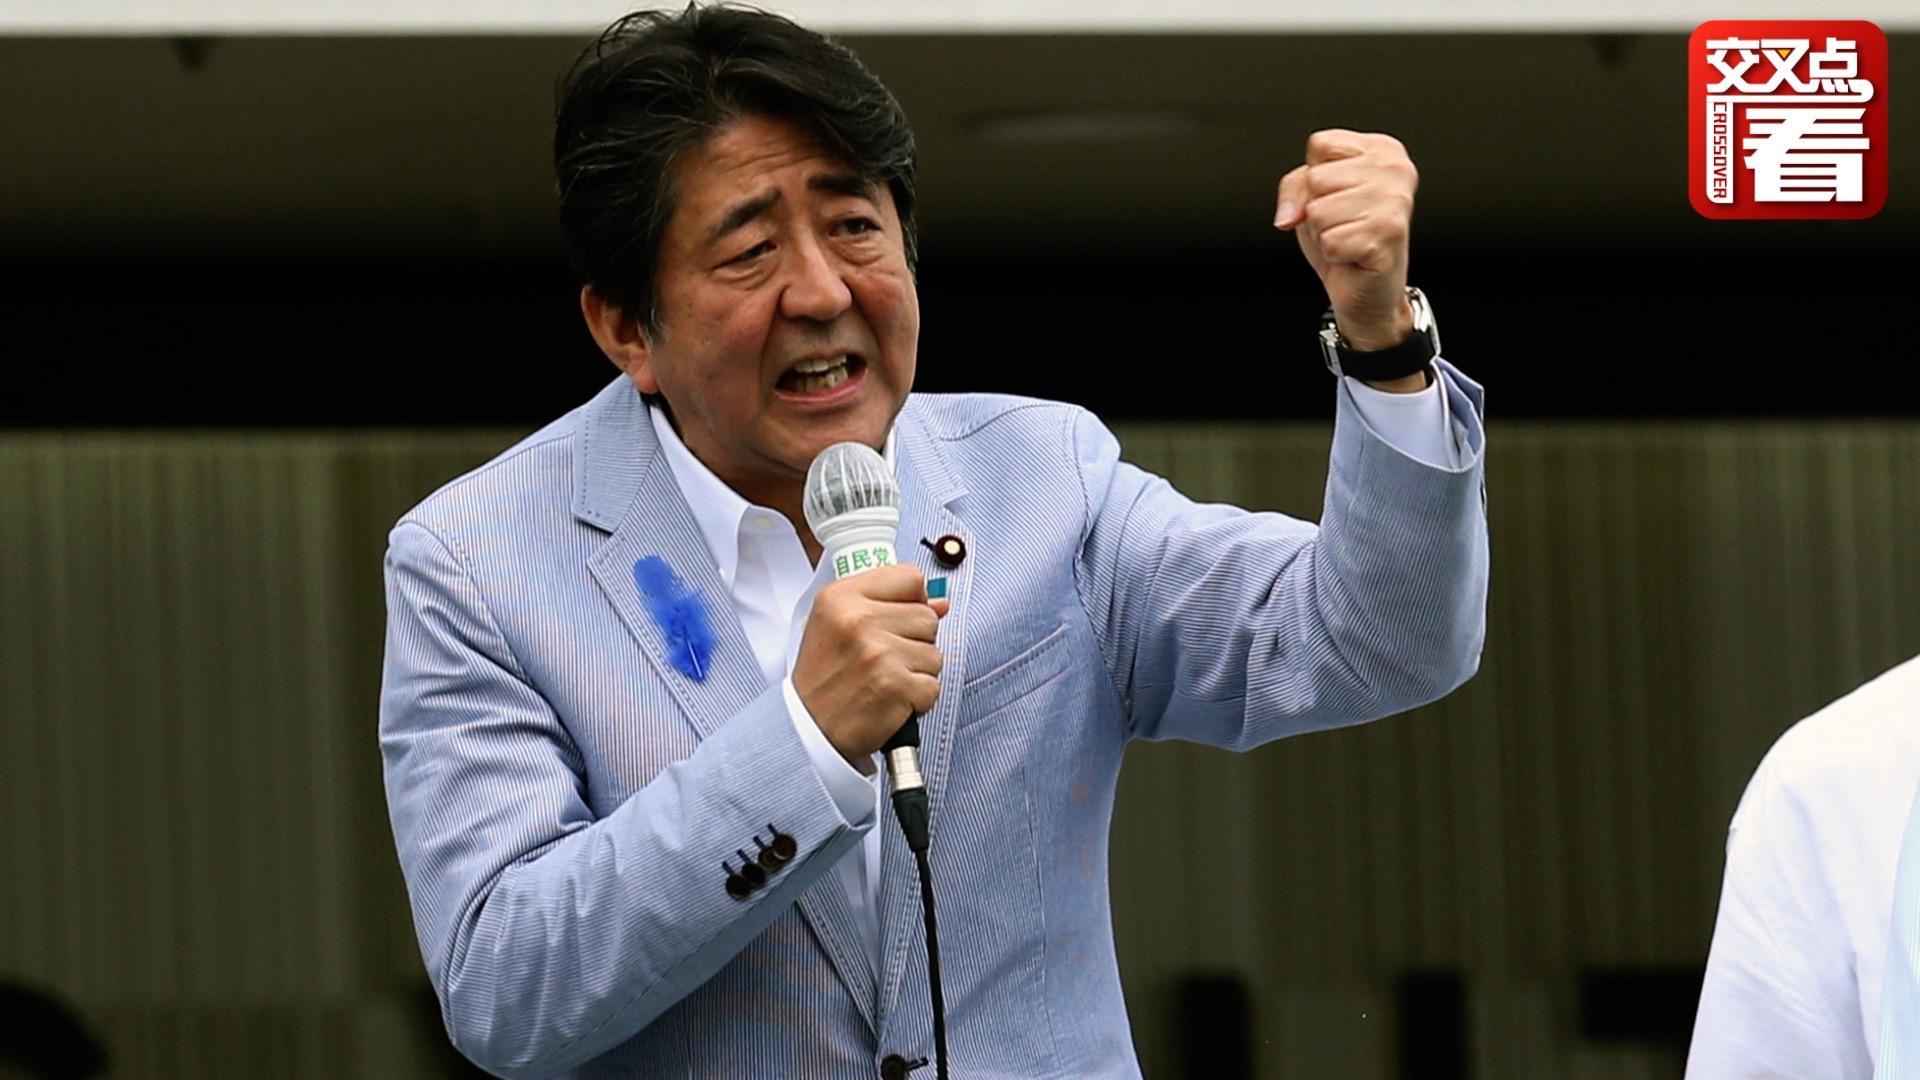 """尴尬!安倍台上拉票 日本民众台下大喊""""下台"""""""